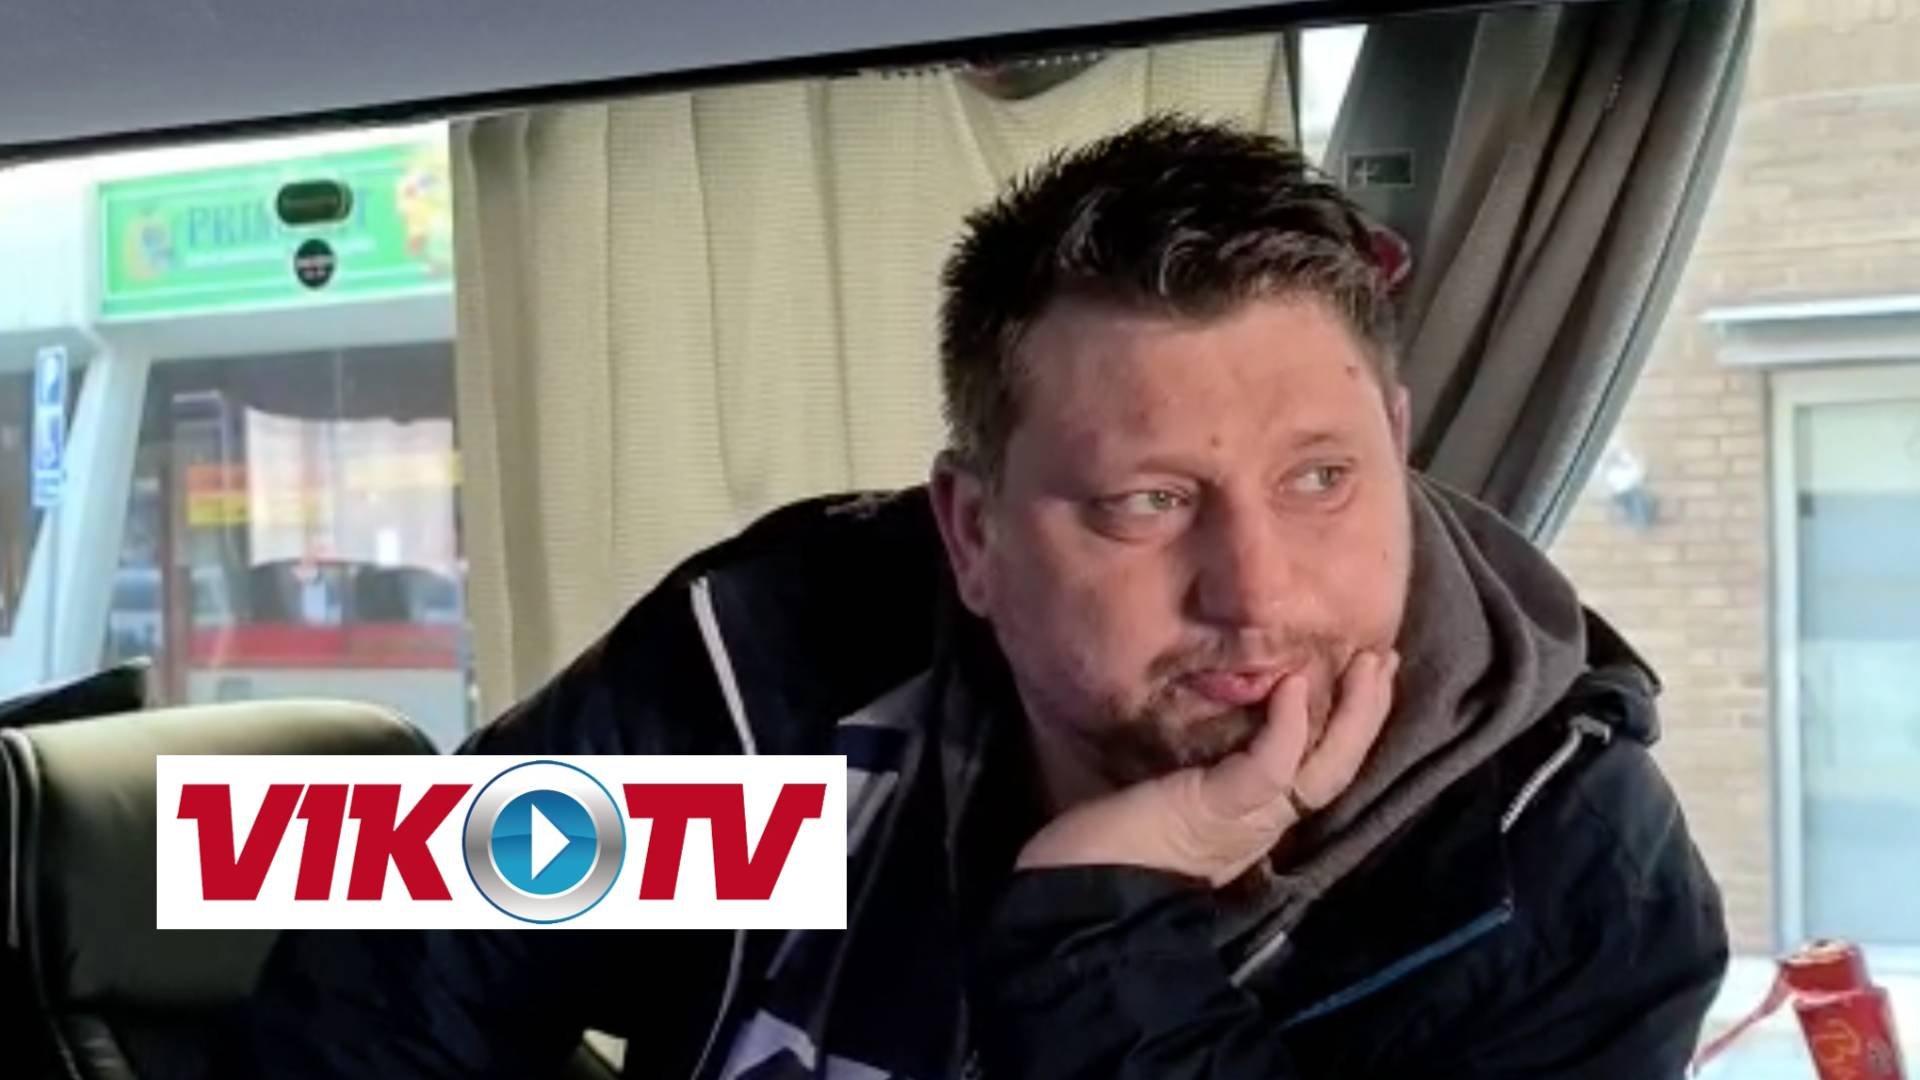 Intervju med Karlin inför semifinal 5